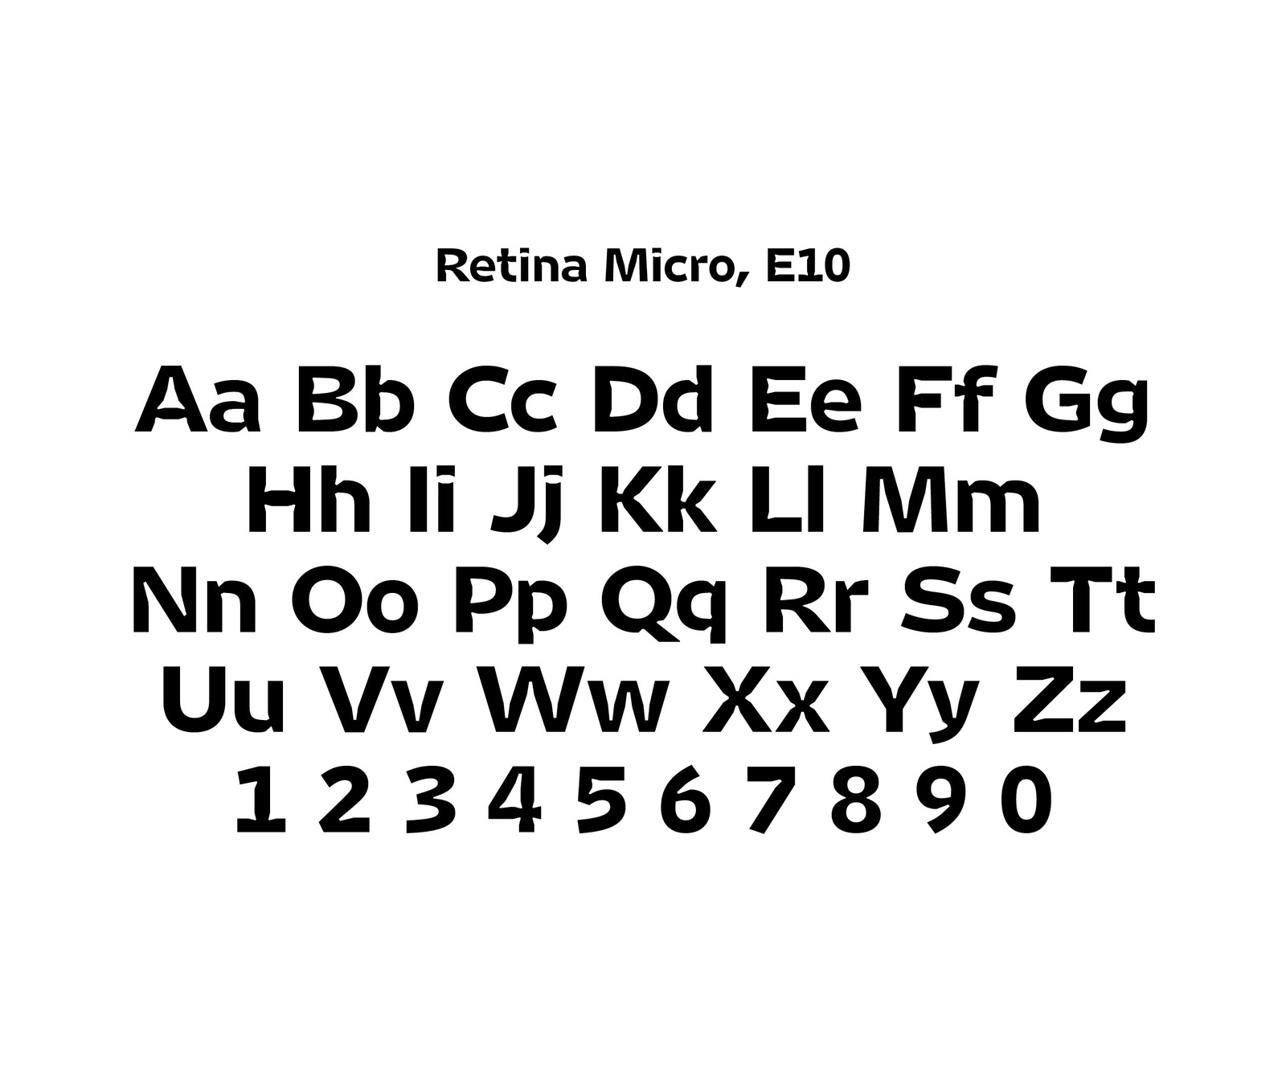 Retina 1999 image